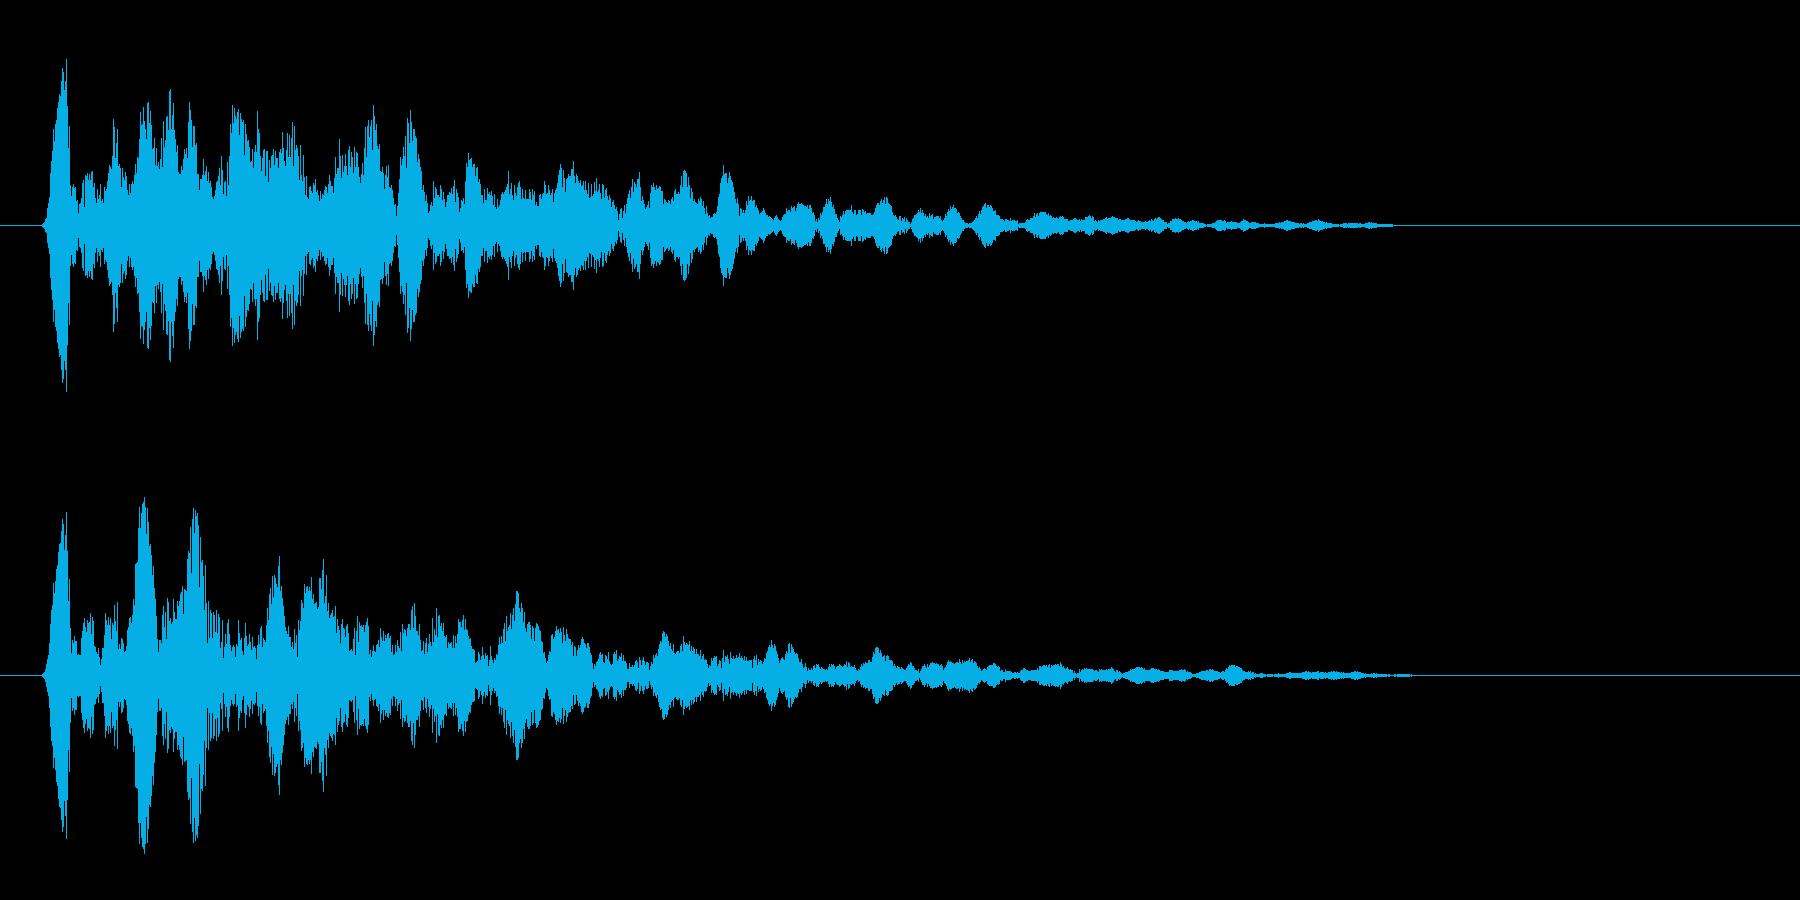 コ〜ン(木材)短めの音の再生済みの波形